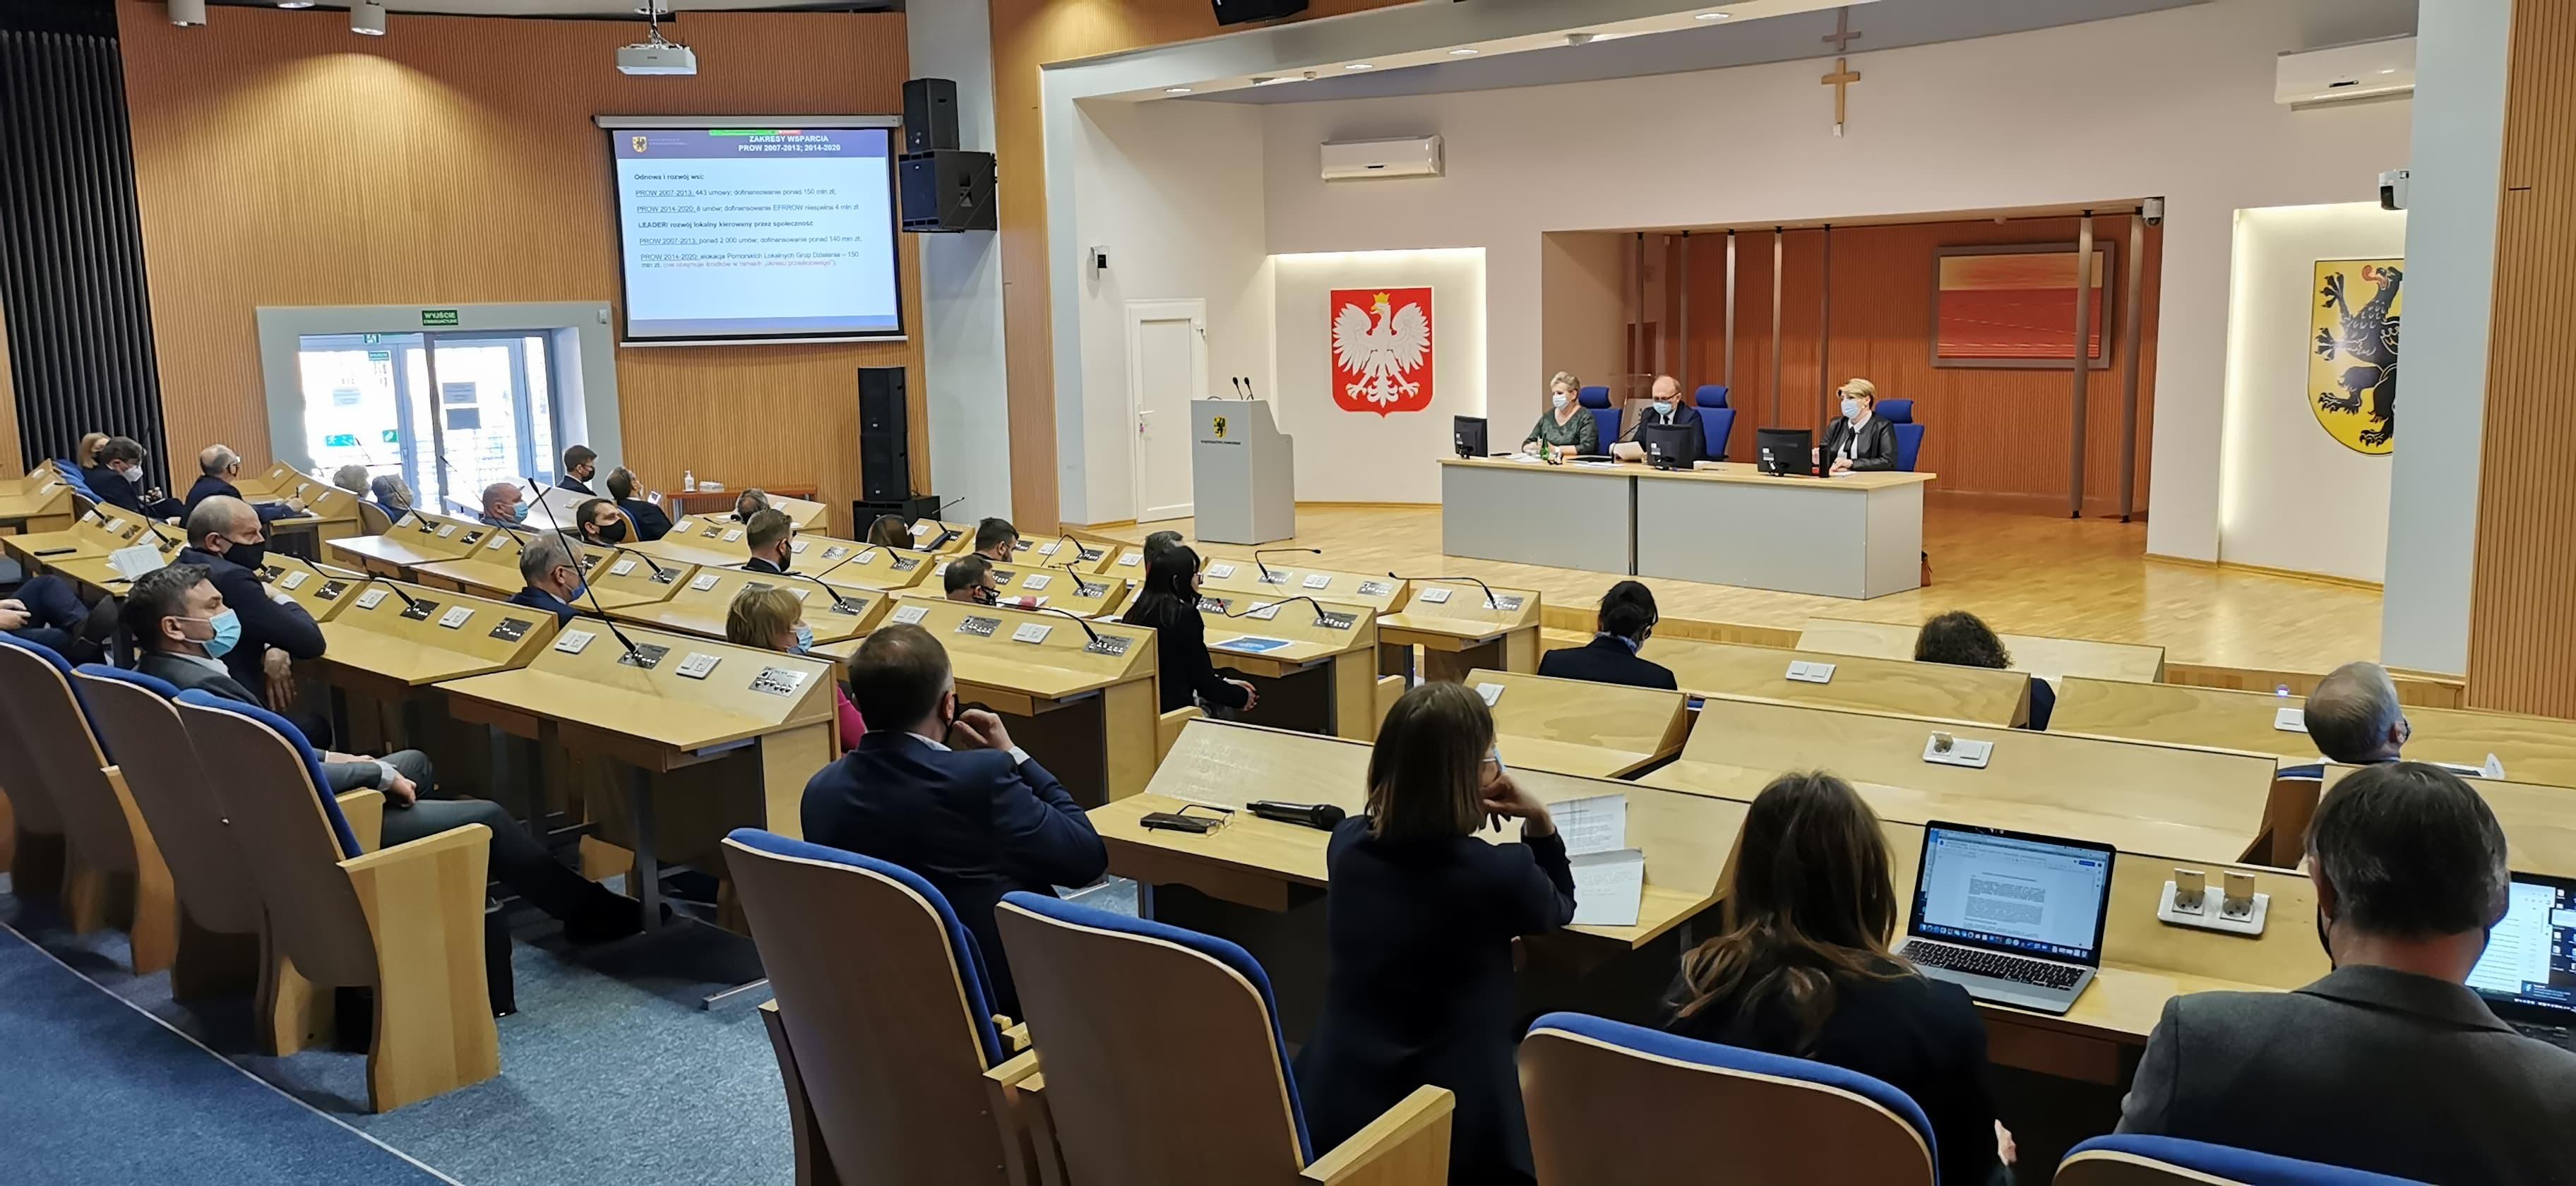 Spotkanie na temat funduszy europejskich w ramach nowego budżet Unii Europejskiej